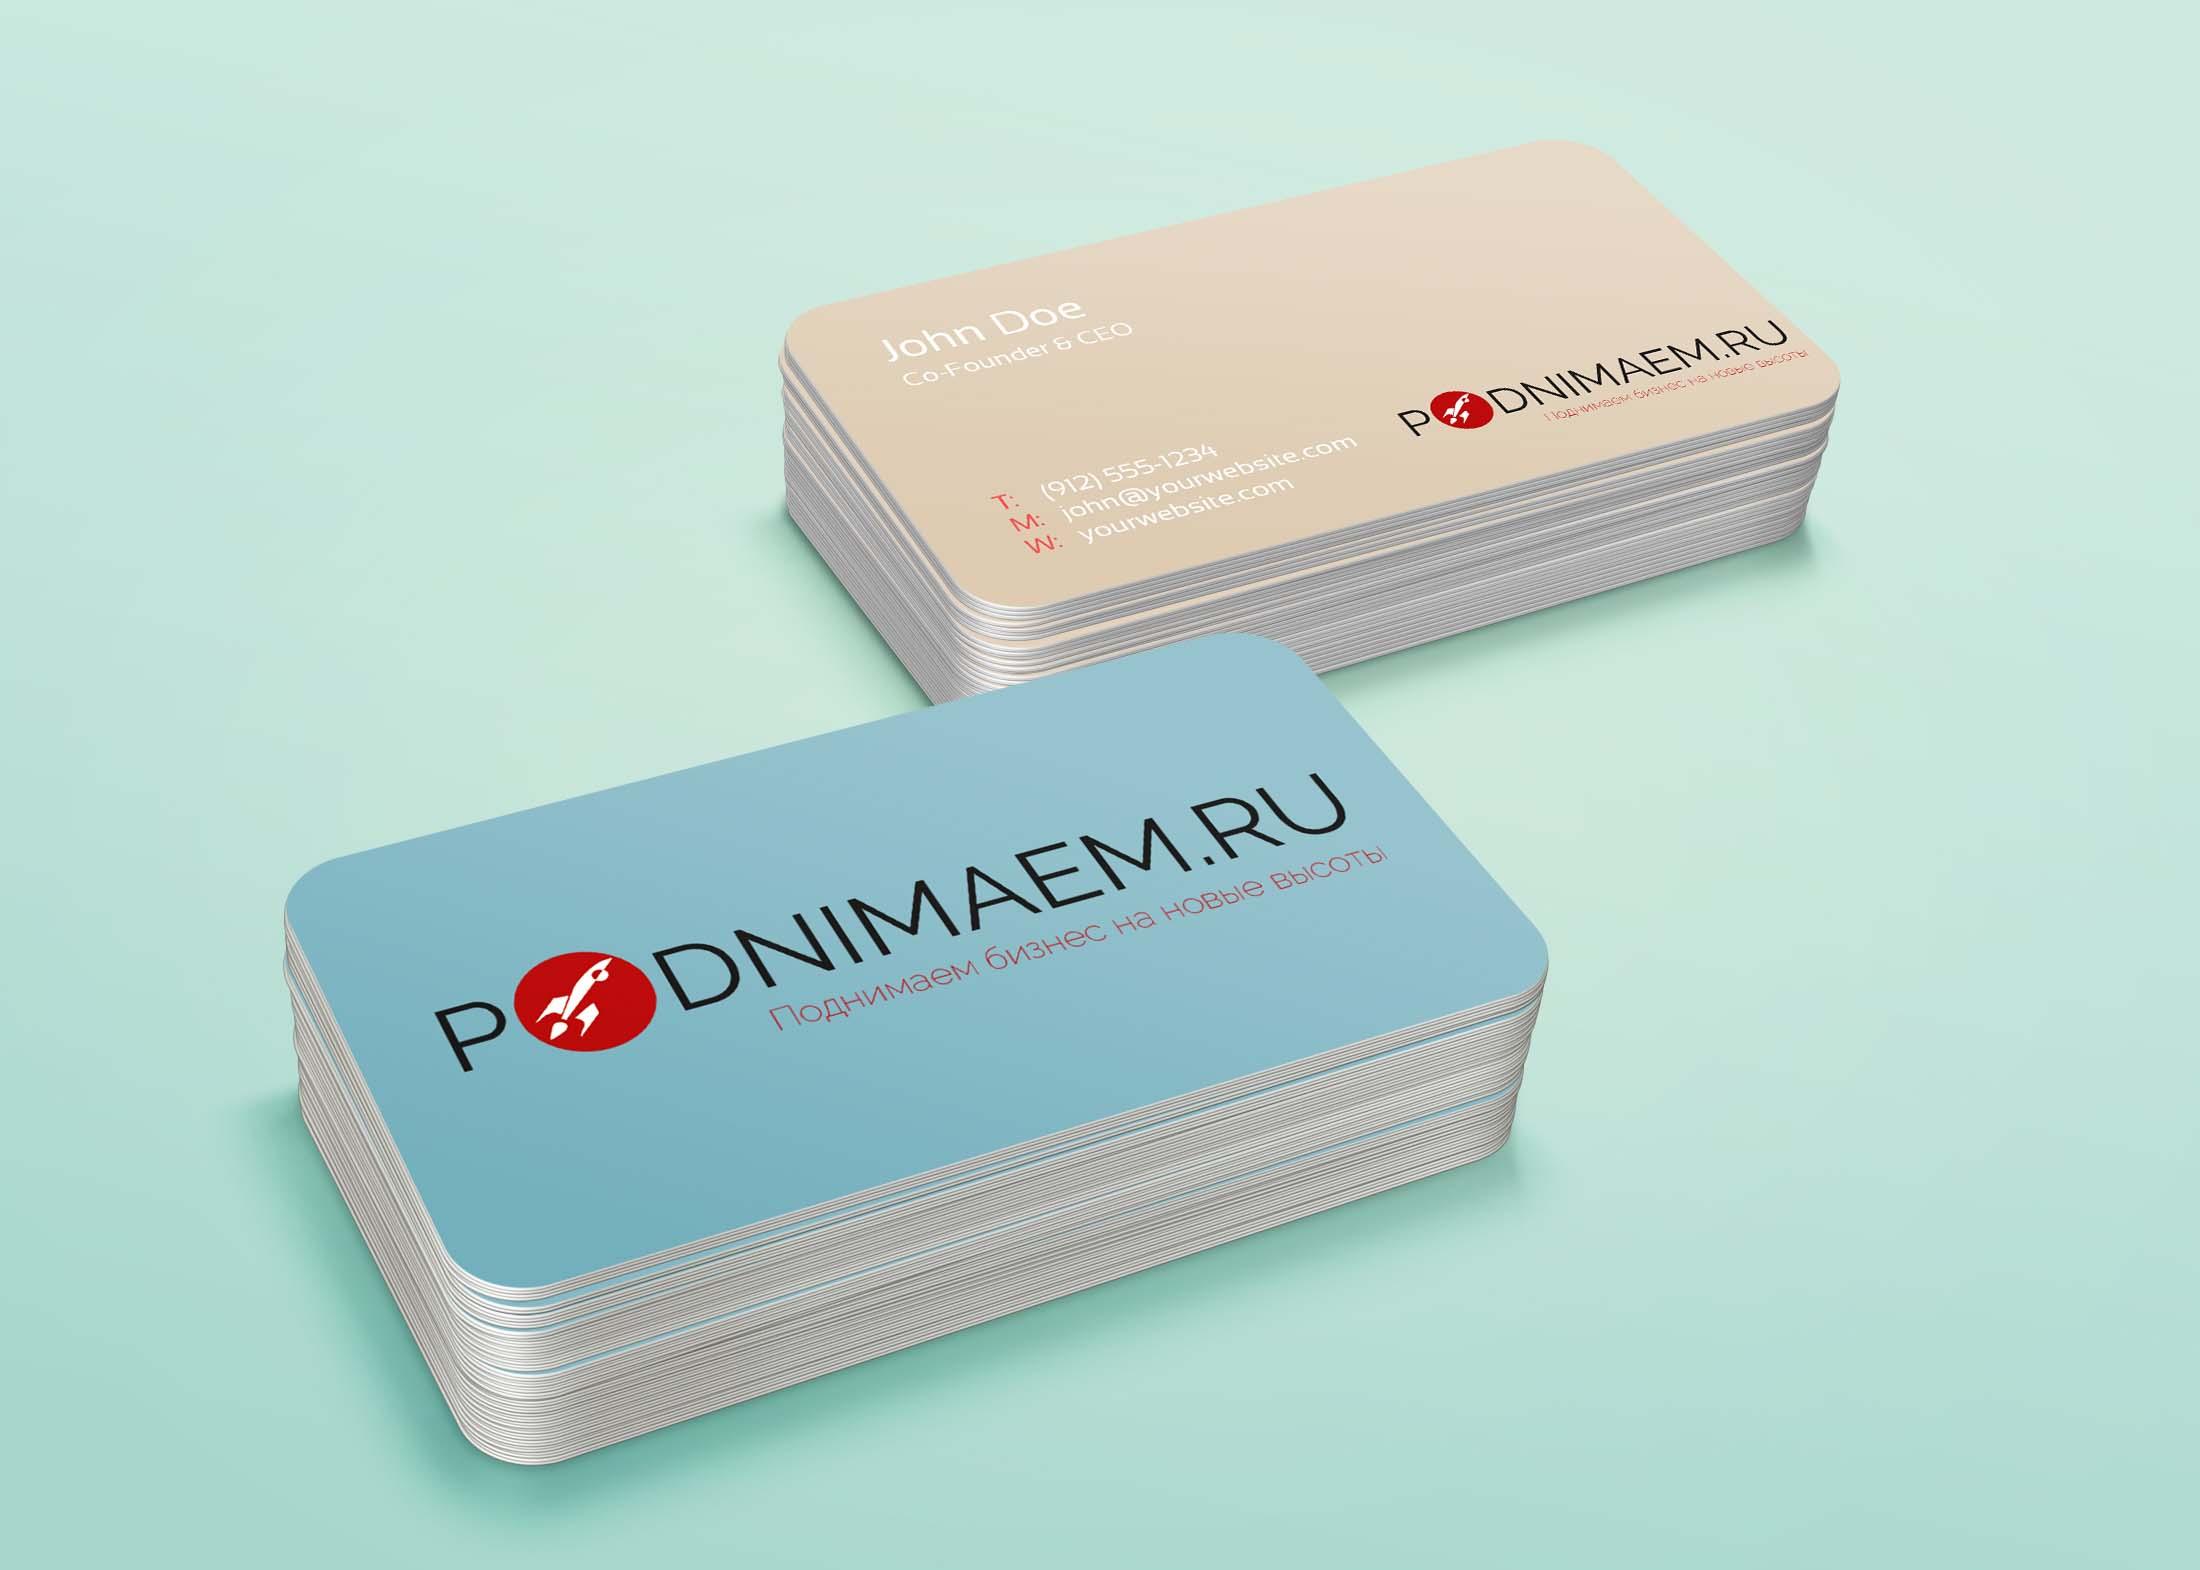 Разработать логотип + визитку + логотип для печати ООО +++ фото f_1835546a68ed44f0.jpg